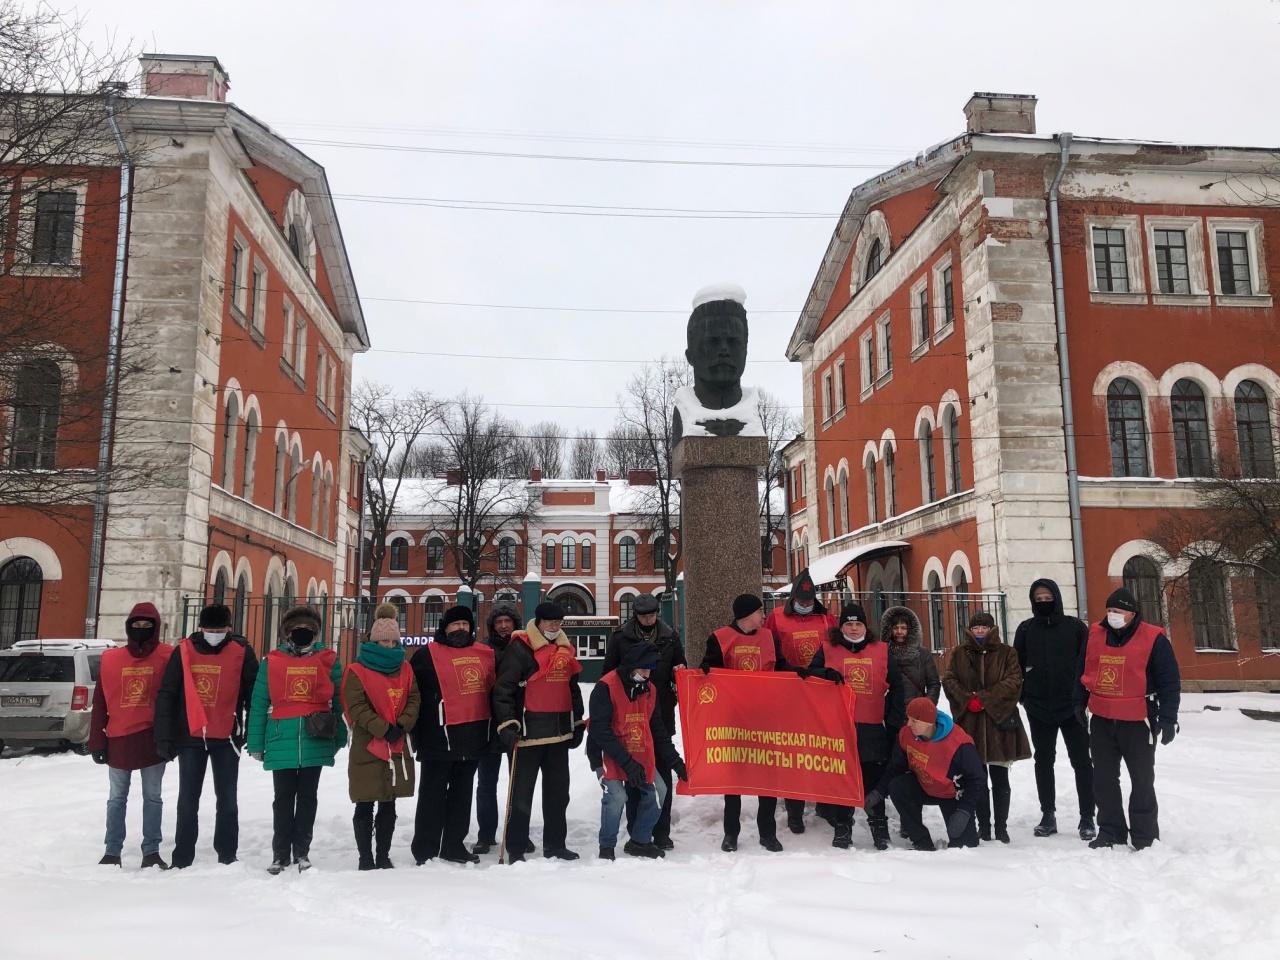 """фото ЗакС политика """"Коммунисты России"""" возложили цветы к памятнику Фрунзе и провели одиночные пикеты"""